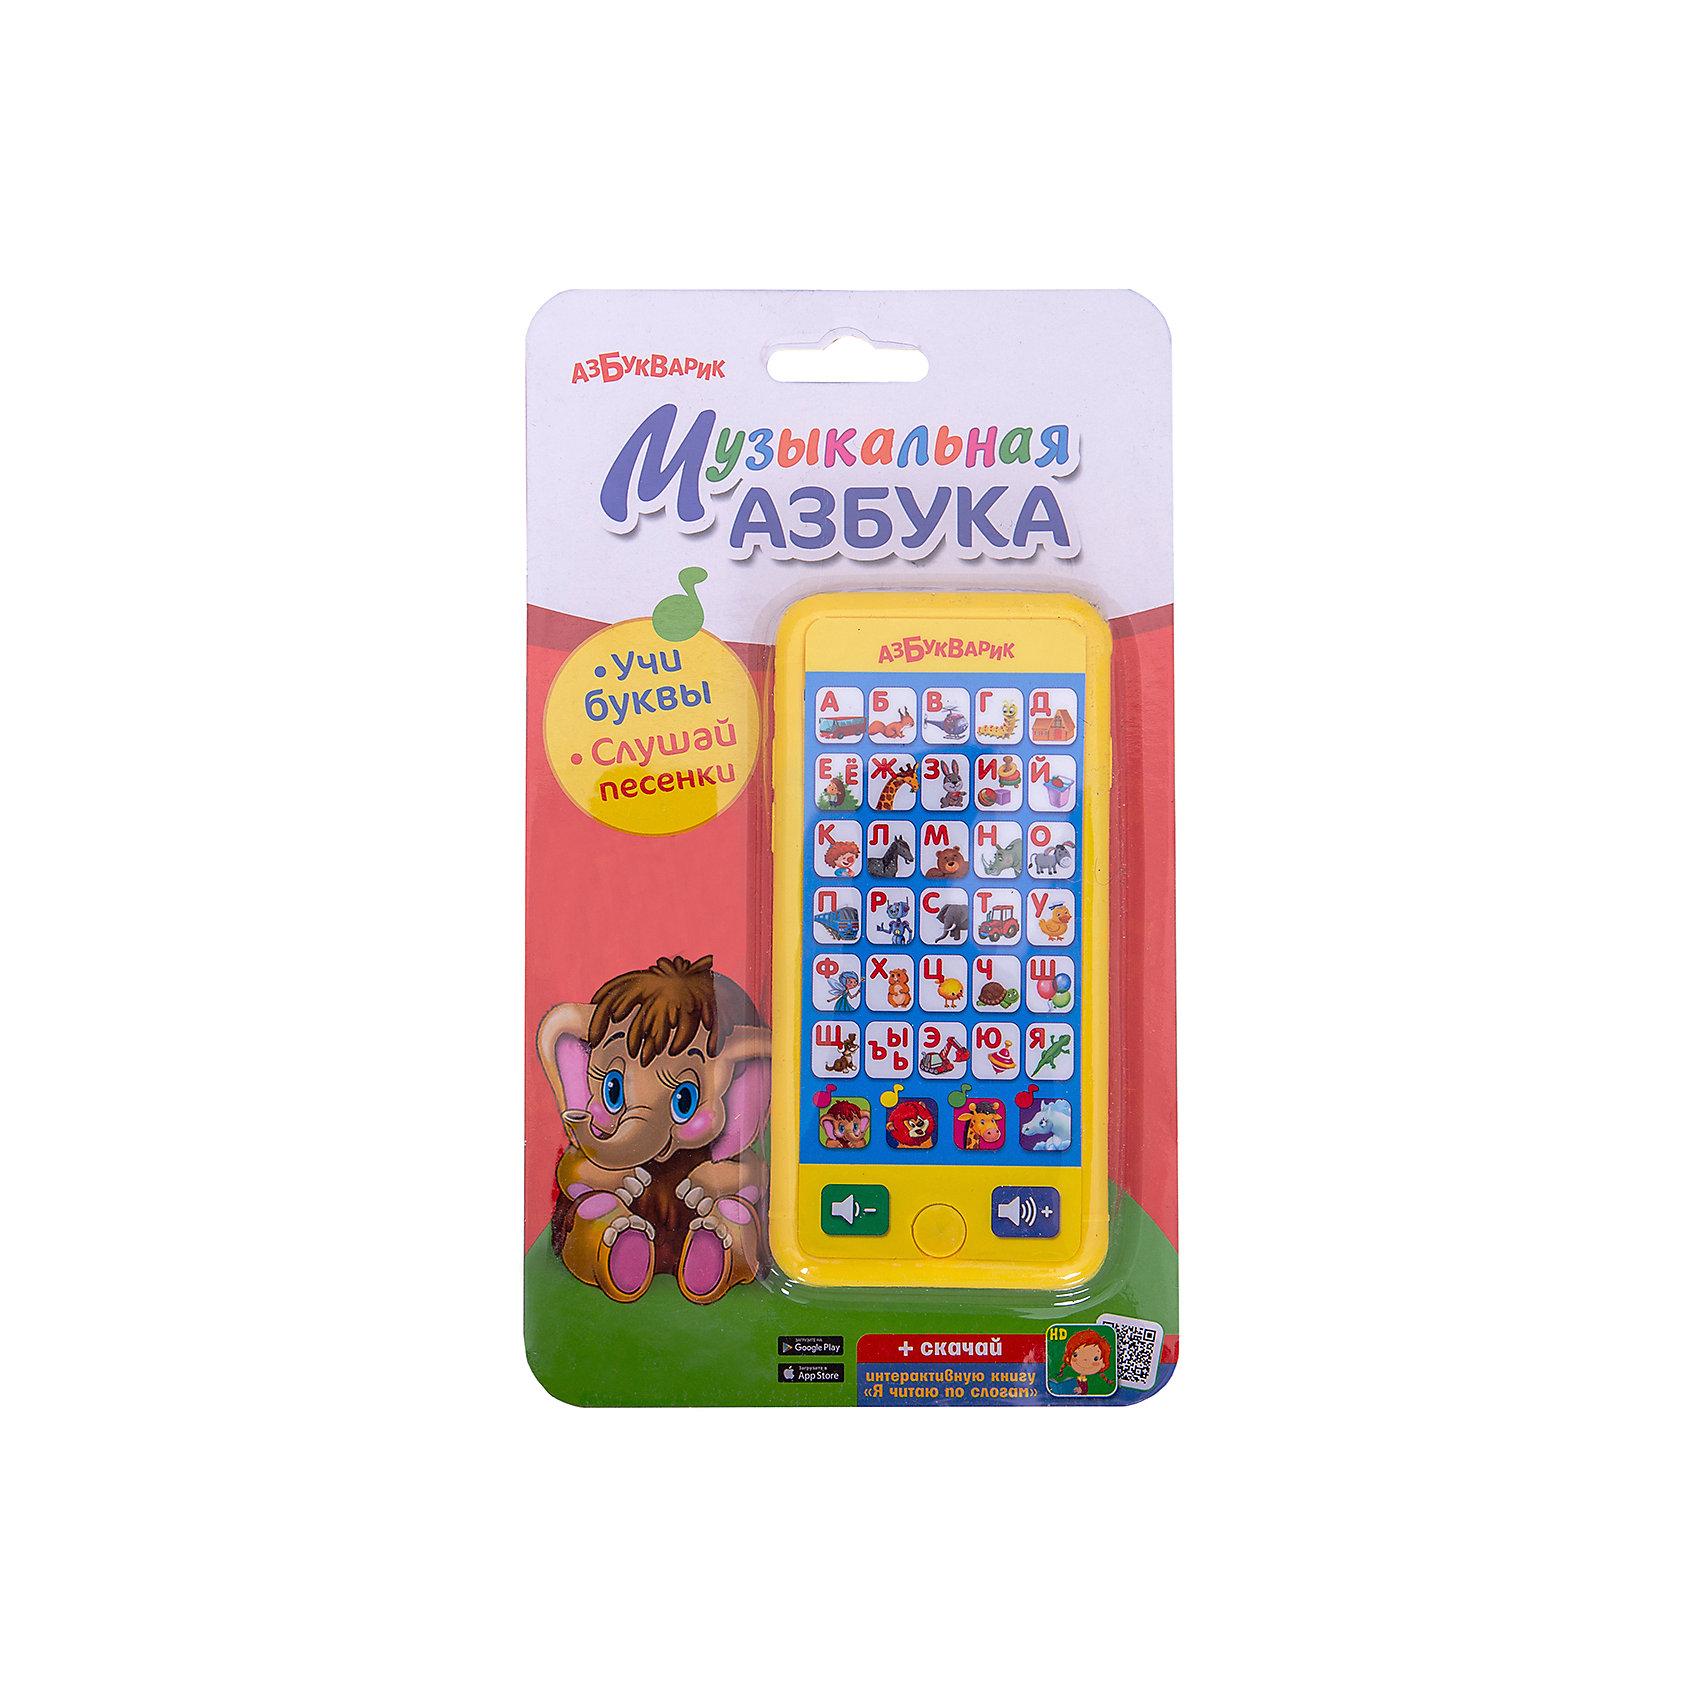 Смартфончик Музыкальная азбука (желтый)Детская электроника<br>Ваш малыш придет в восторг от своего собственного телефона! Это не просто яркая игрушка, с помощью нее ваш ребенок освоит алфавит, ну и, конечно, послушает любимые мелодии. Благодаря небольшому размеру, игрушка поместится даже в кармане: ее можно брать с собой куда угодно - любимые мелодии и сюжеты всегда будут рядом!<br><br>Дополнительная информация:<br><br>- Материал: пластик.<br>- Размер: 7 х 13,5 см.<br>- Алфавит и 4 песенки.<br>- Элемент питания: батарейки ААА (в комплекте).<br>- Цвет: желтый.<br><br>Музыкальную азбуку (желтую), Азбукварик, можно купить в нашем магазине.<br><br>Ширина мм: 222<br>Глубина мм: 15<br>Высота мм: 130<br>Вес г: 115<br>Возраст от месяцев: 24<br>Возраст до месяцев: 60<br>Пол: Унисекс<br>Возраст: Детский<br>SKU: 4288907